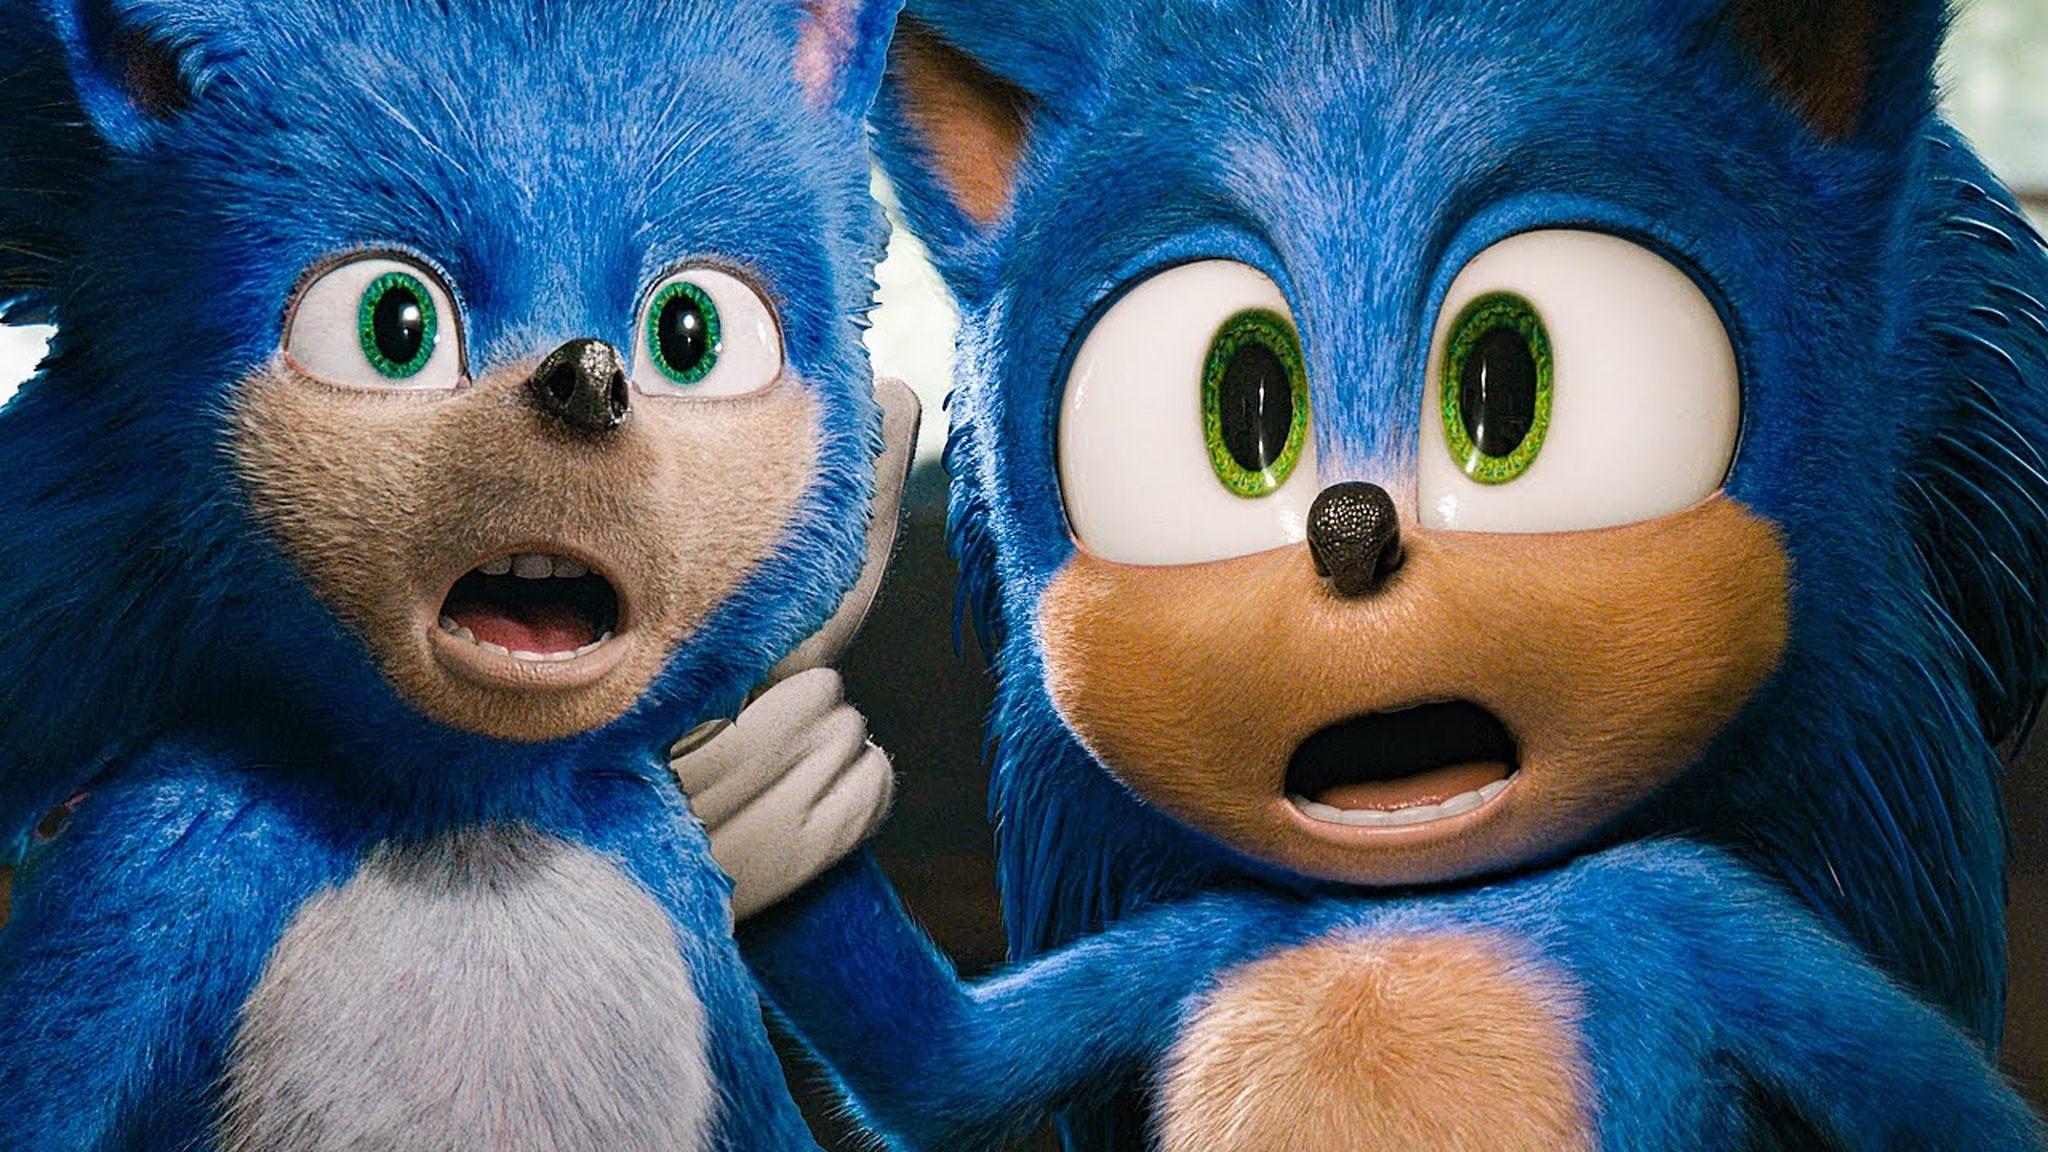 Comparazione dei due design di Sonic - Il Film